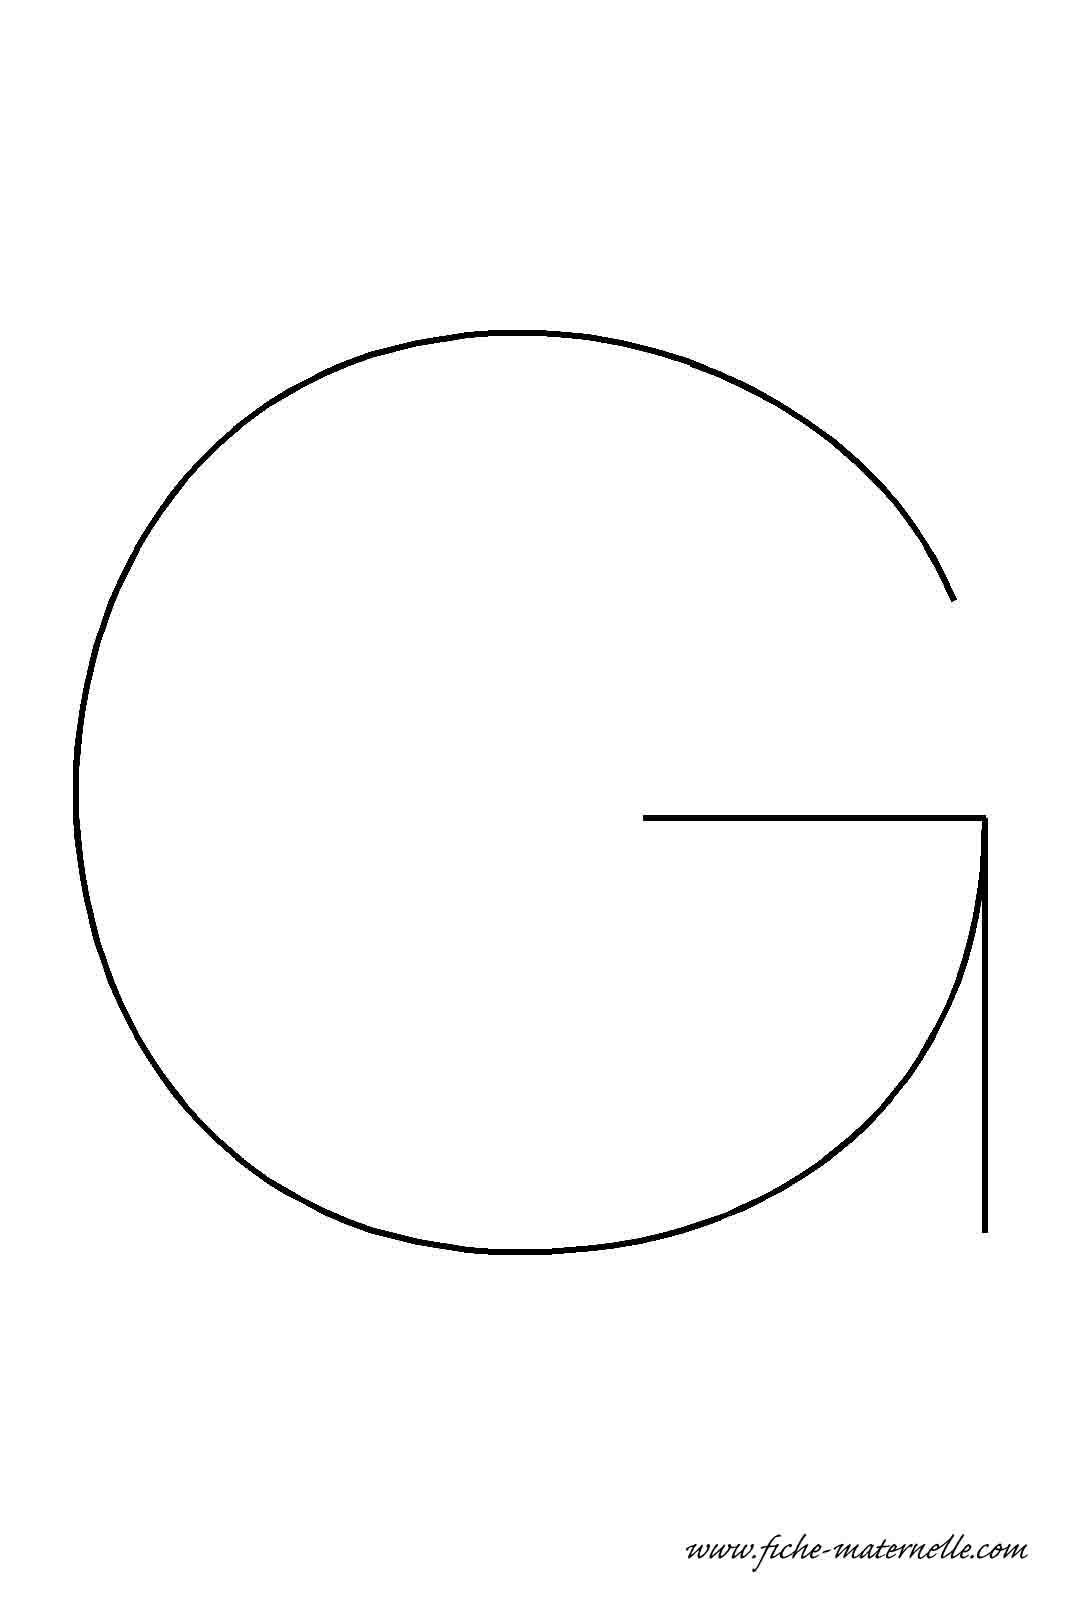 Lettre de l 39 alphabet d corer la lettre capitale g fil de fer - Lettres de l alphabet a decorer ...